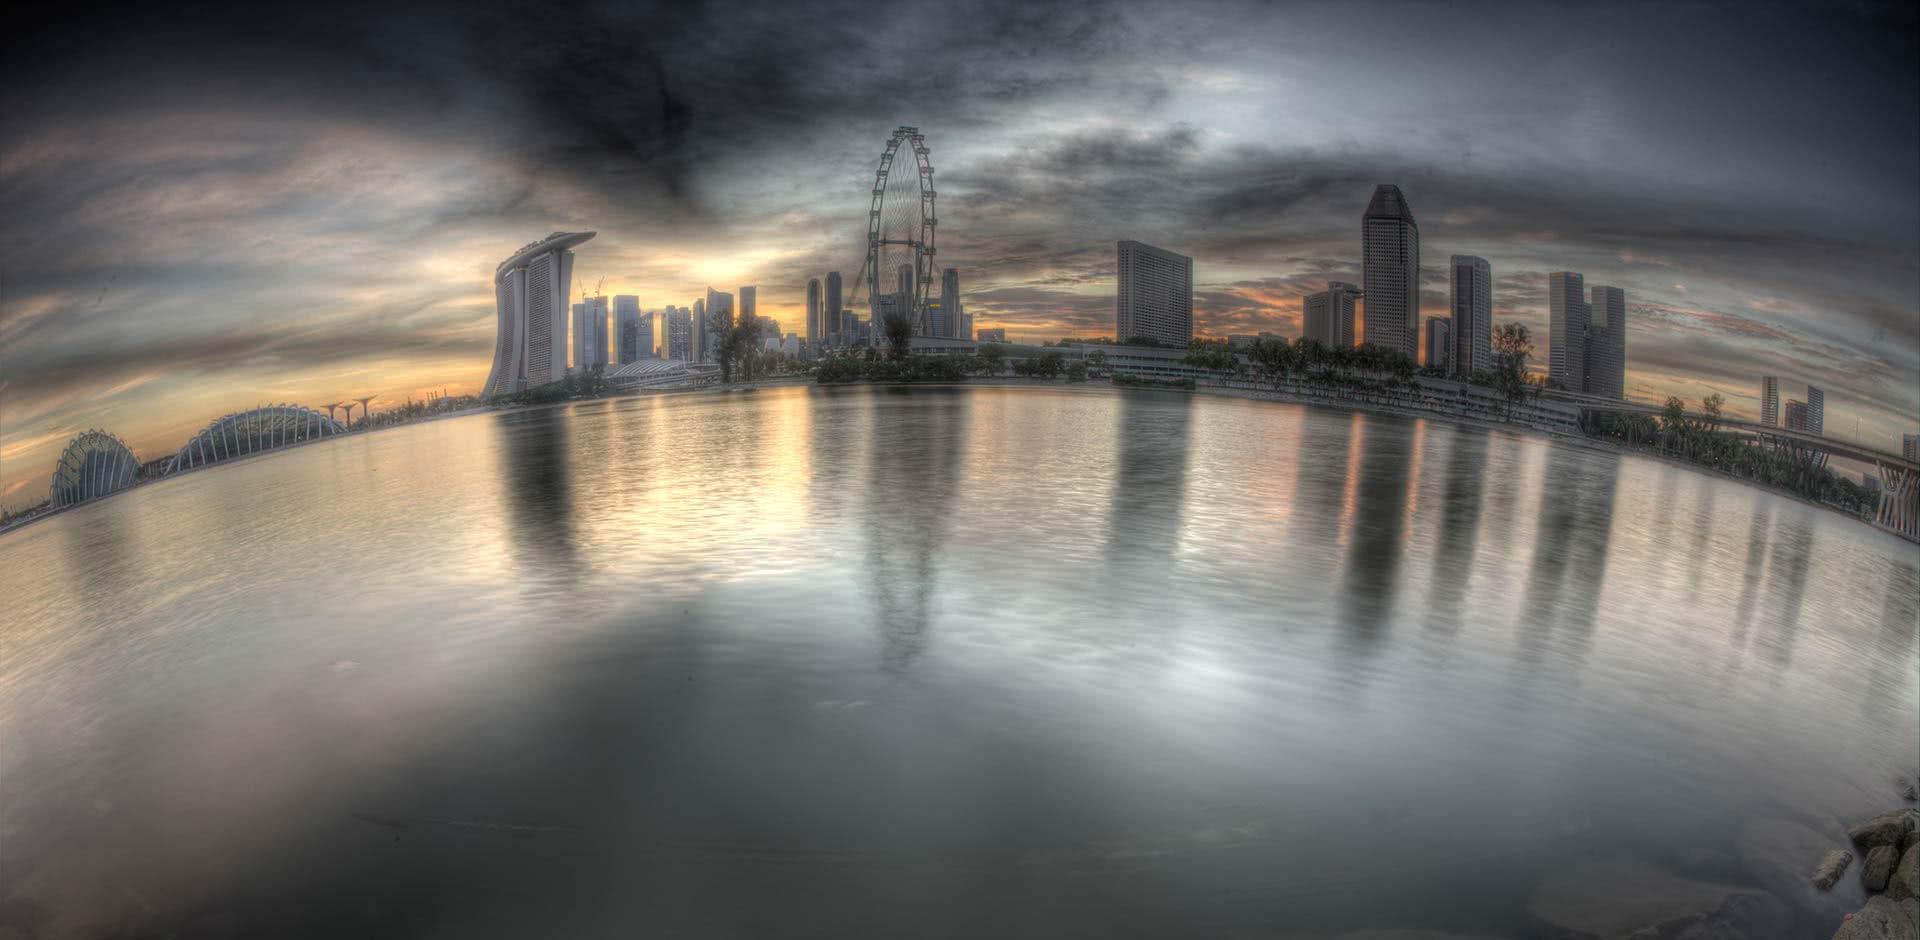 Marina Bay